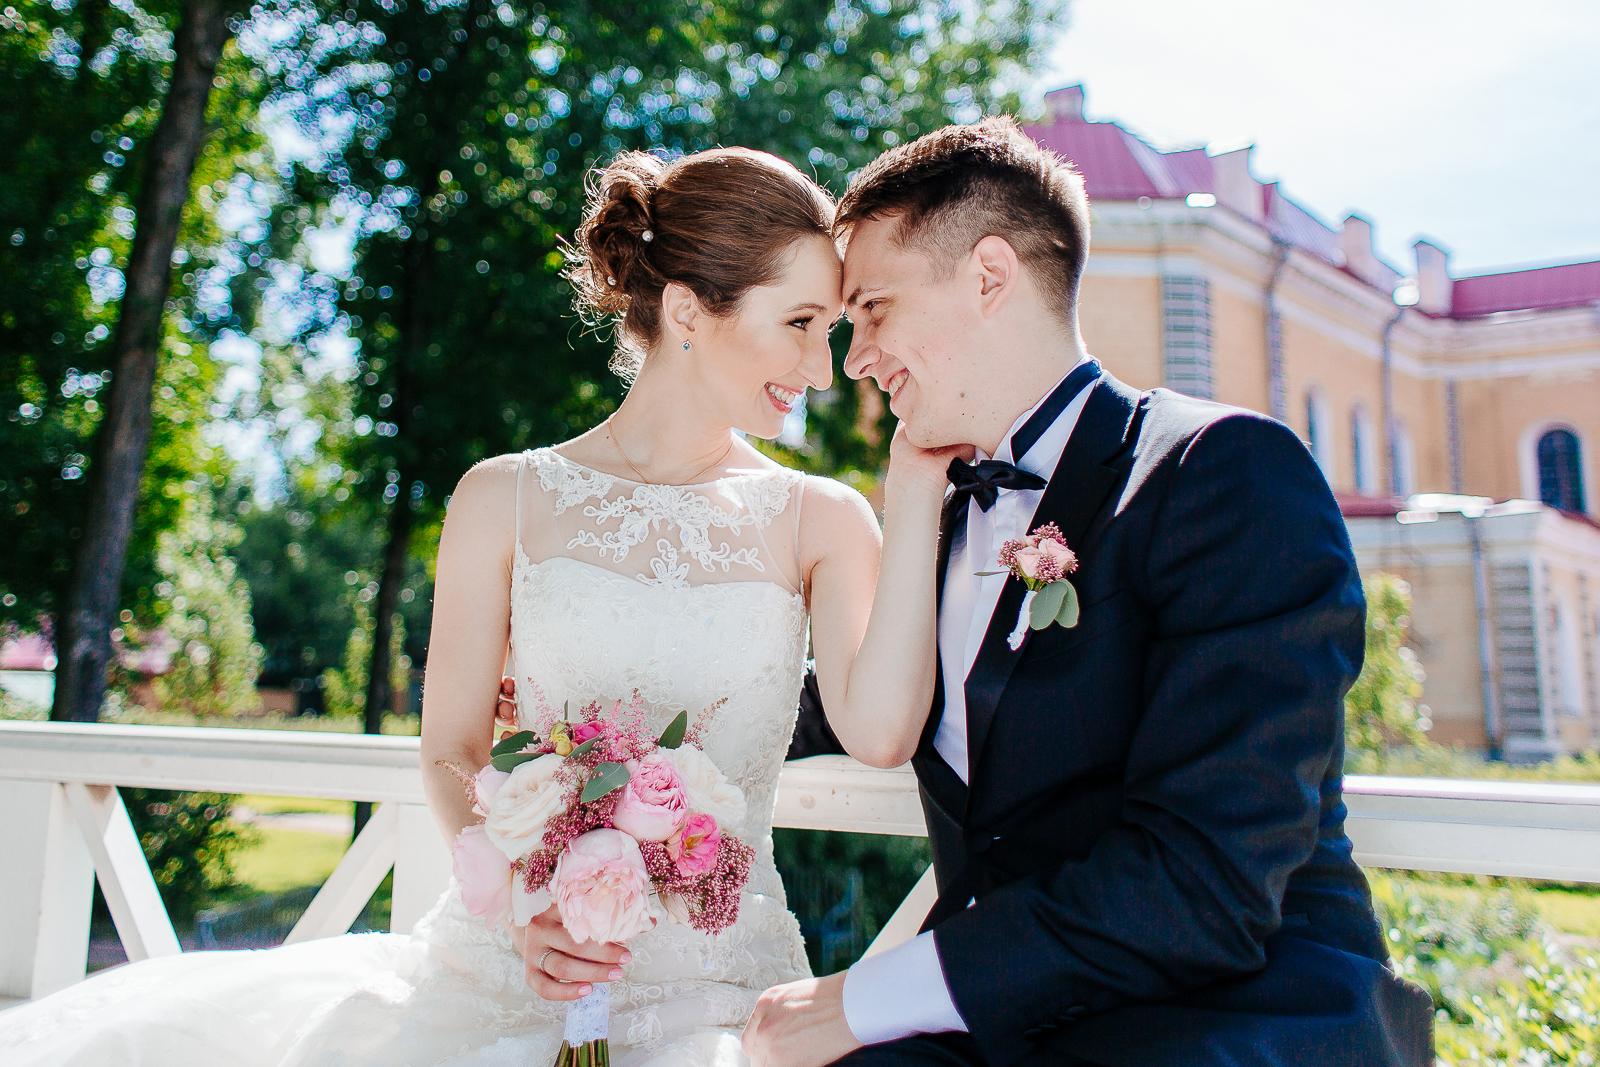 отметить, нанять фотографа на свадьбу в спб роль